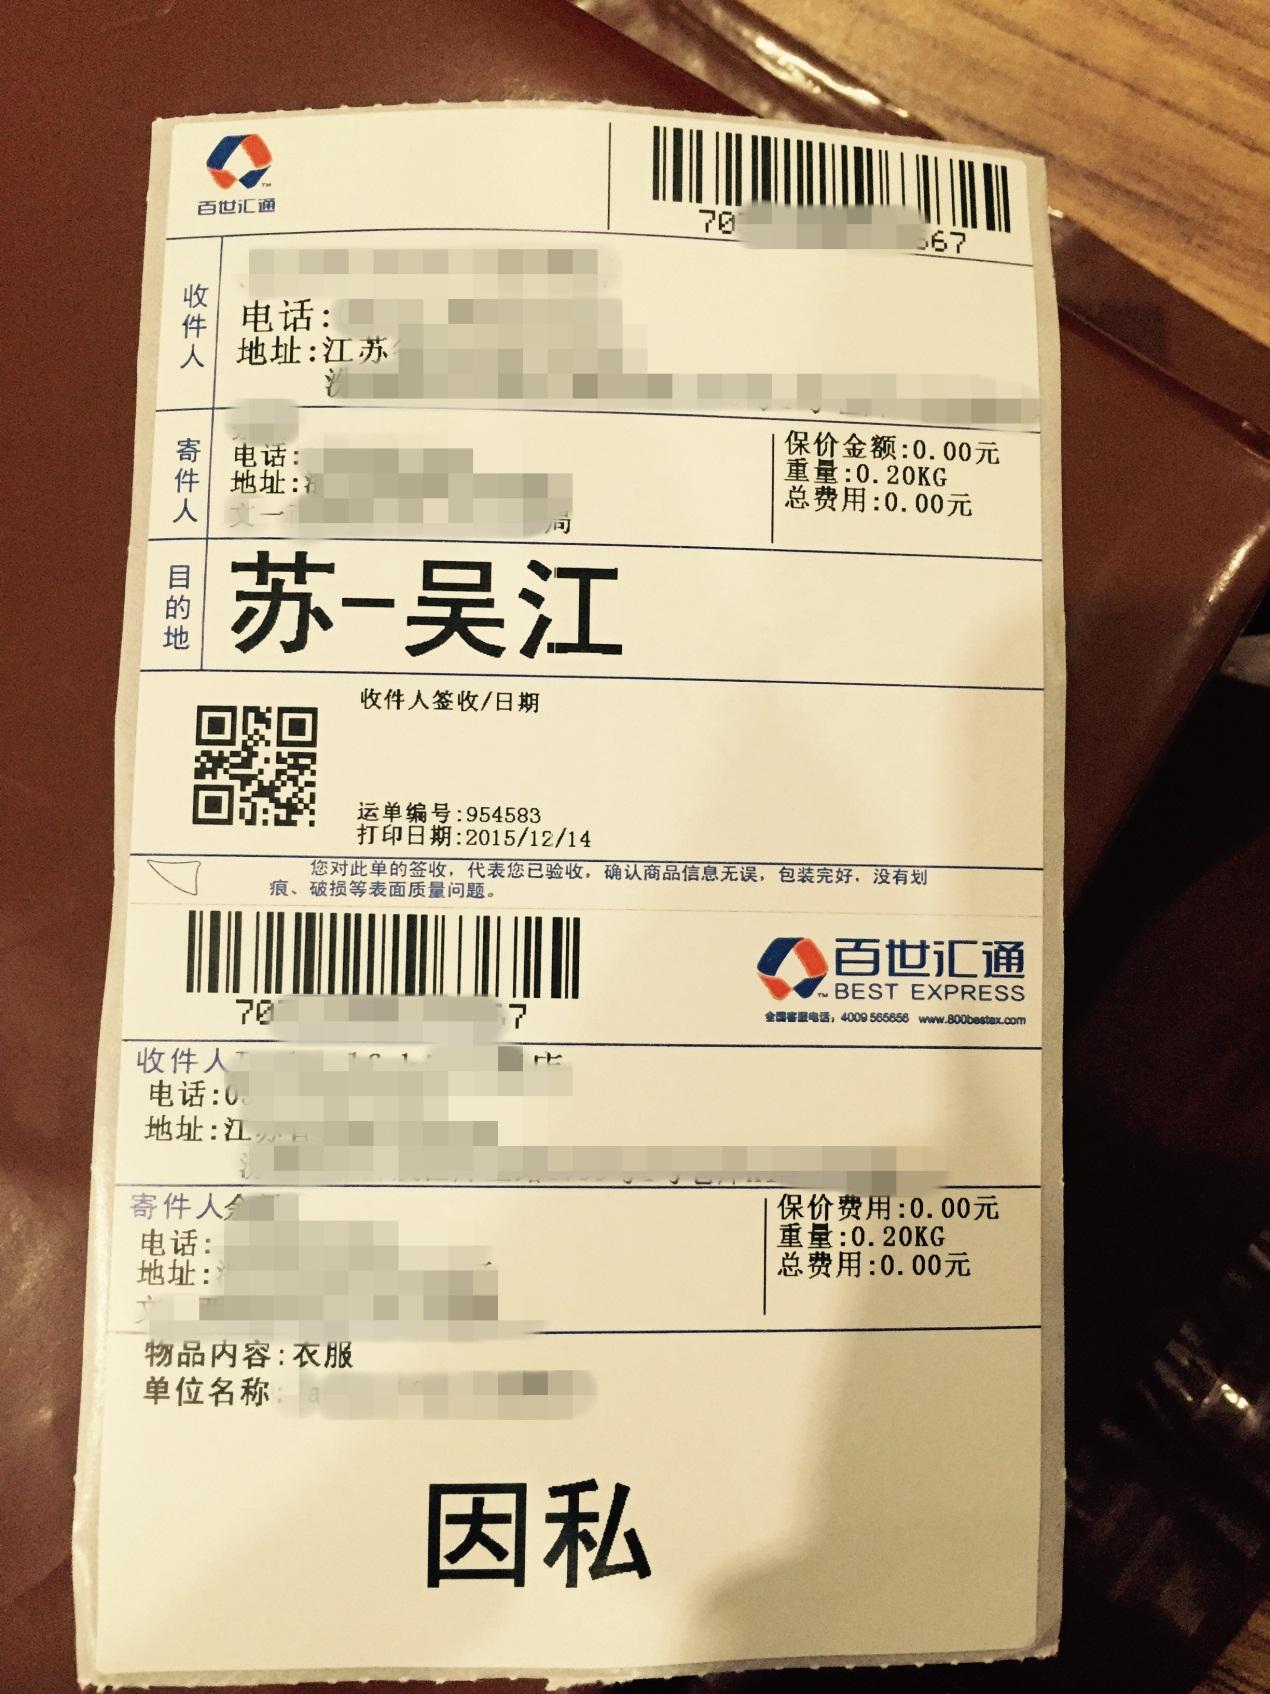 虚假交易处罚申诉-电子面单(又称热敏单)凭证示例